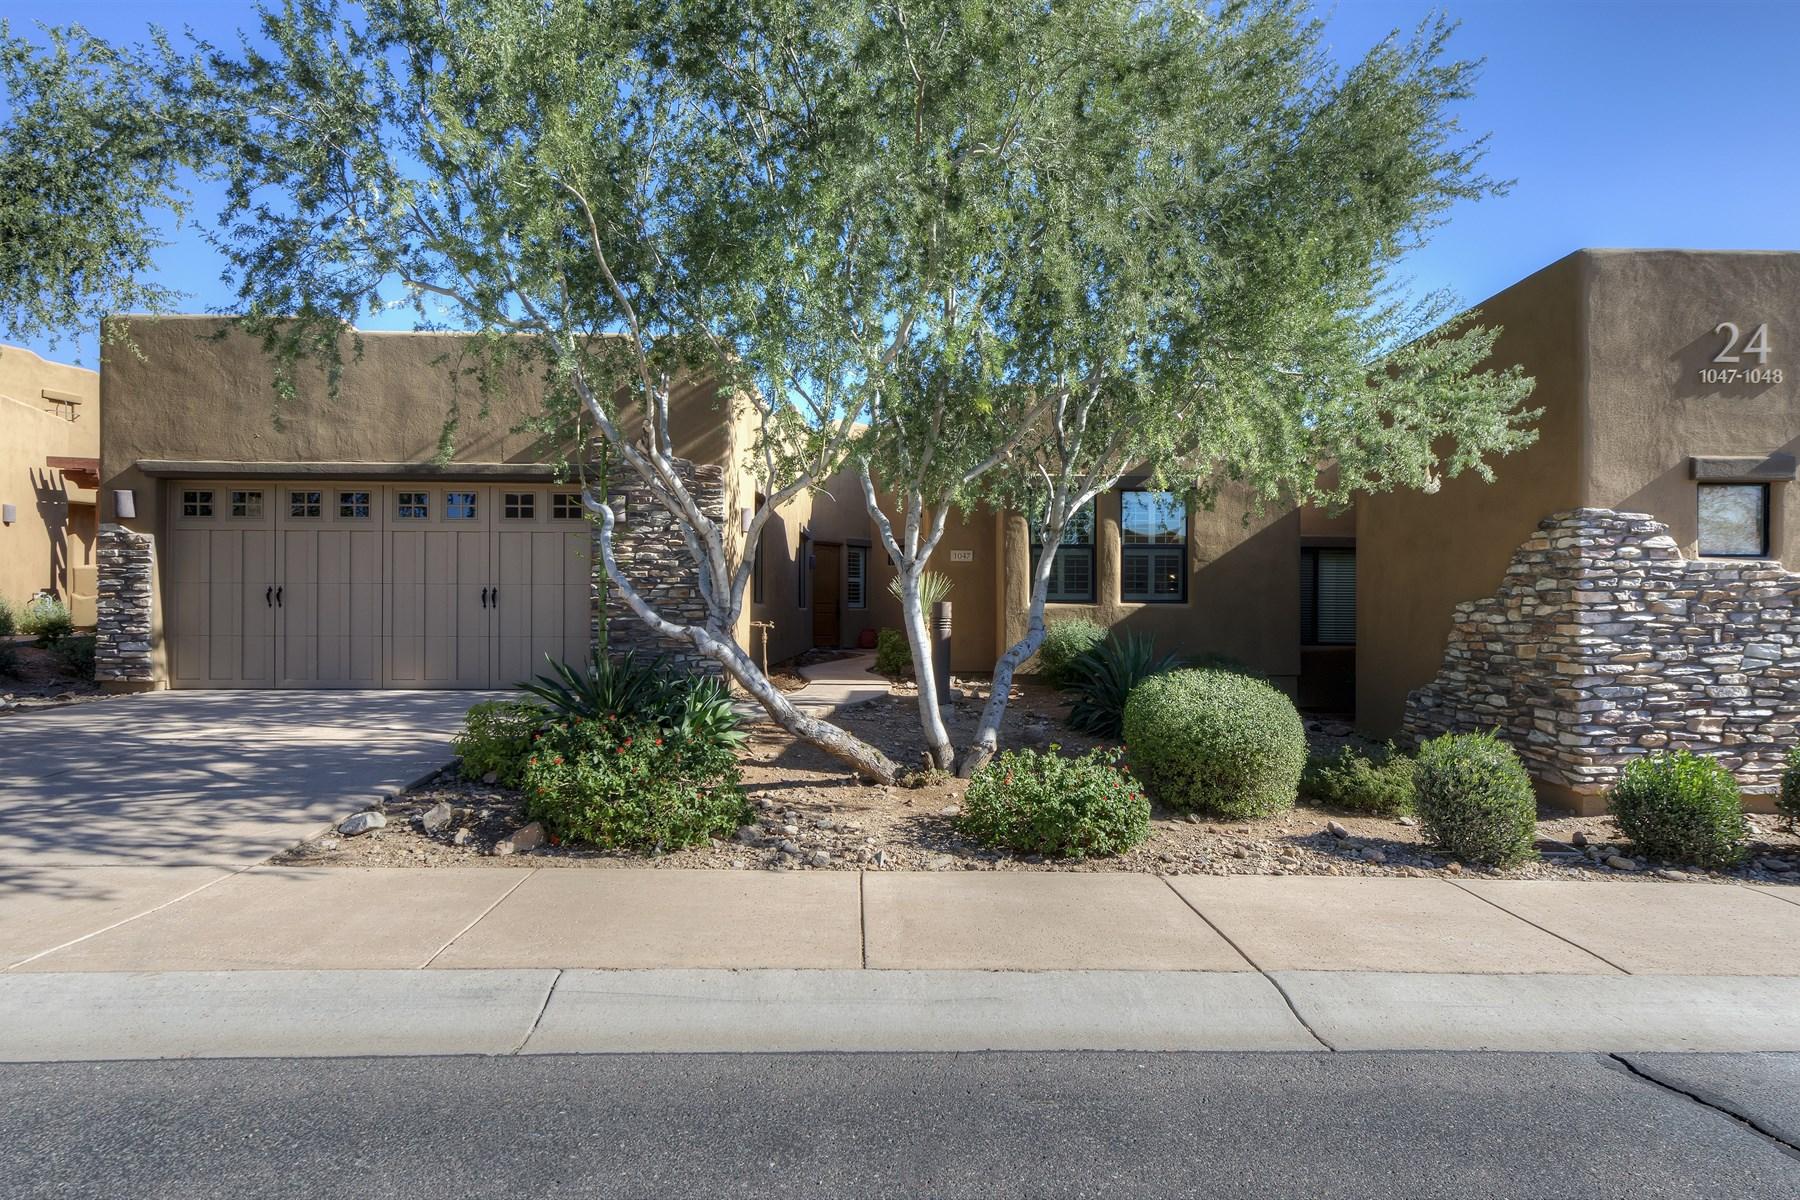 타운하우스 용 매매 에 Elegant one level patio home 13300 E Via Linda #1047 Scottsdale, 아리조나 85259 미국